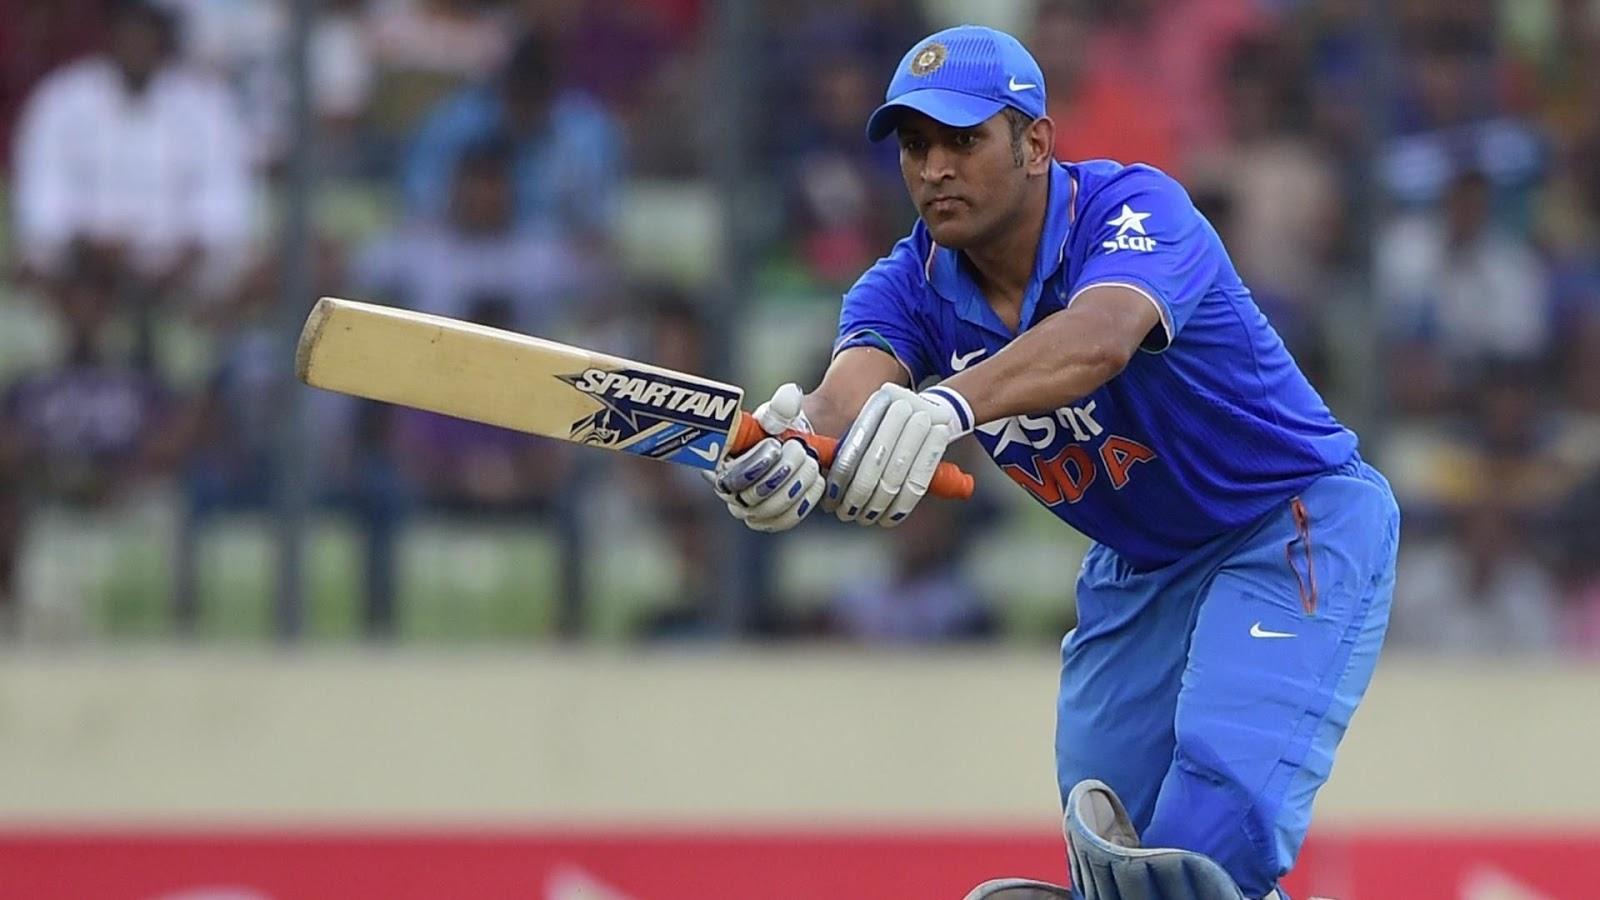 भारत बनाम इंग्लैंड: टी20 इंटरनैशनल में 50 कैच लपकने वाले पहले विकेटकीपर बने धोनी - The Great Dhoni